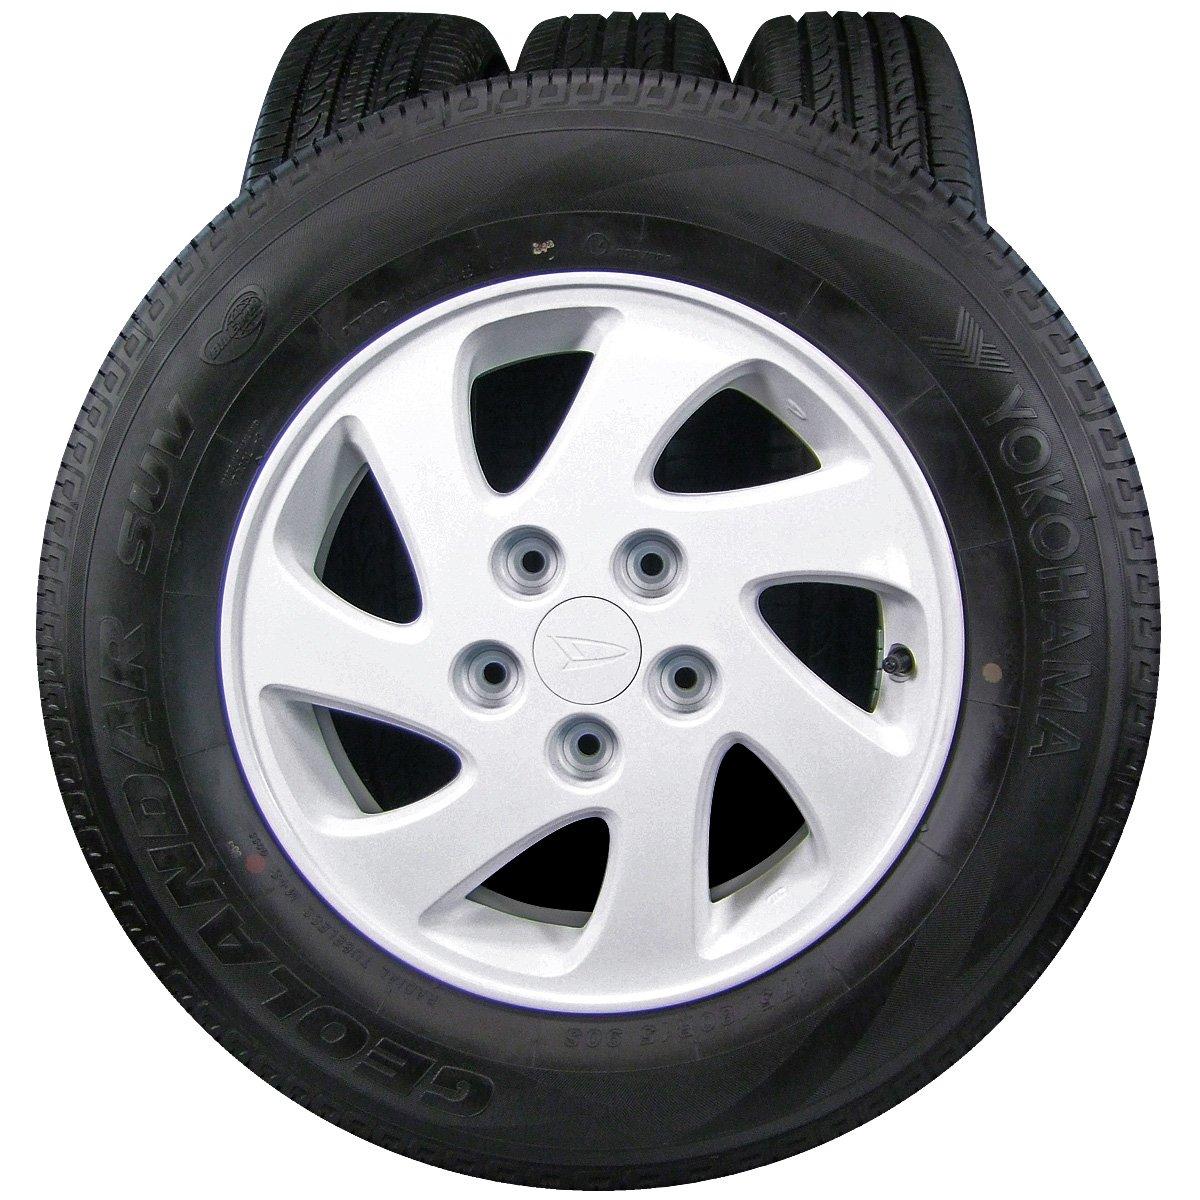 15インチ 4本セット タイヤ&ホイール YOKOHAMA (ヨコハマ) GEOLANDAR (ジオランダー) SUV 175/80R15 DAIHATSU (ダイハツ) TERIOS-KID (テリオスキッド) 純正 15×5J(+50)PCD114.3-5穴 B07BY77LJS